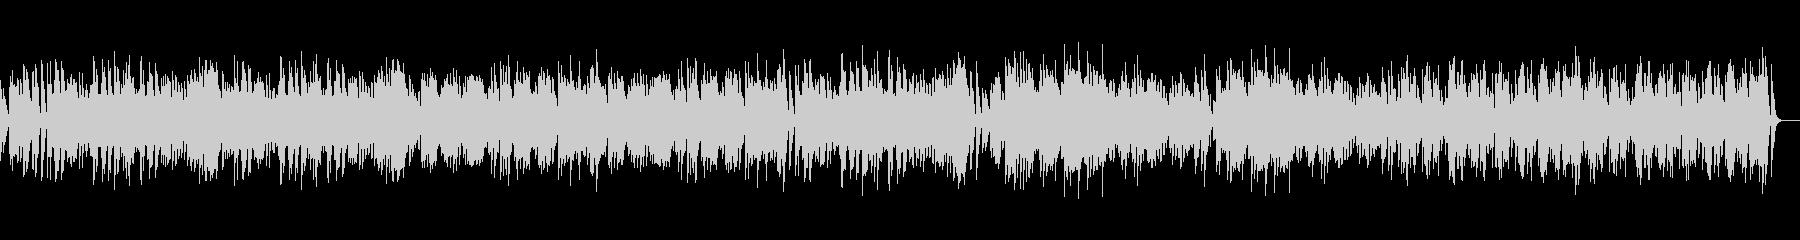 ストレニュアス・ライフ_オルゴールverの未再生の波形